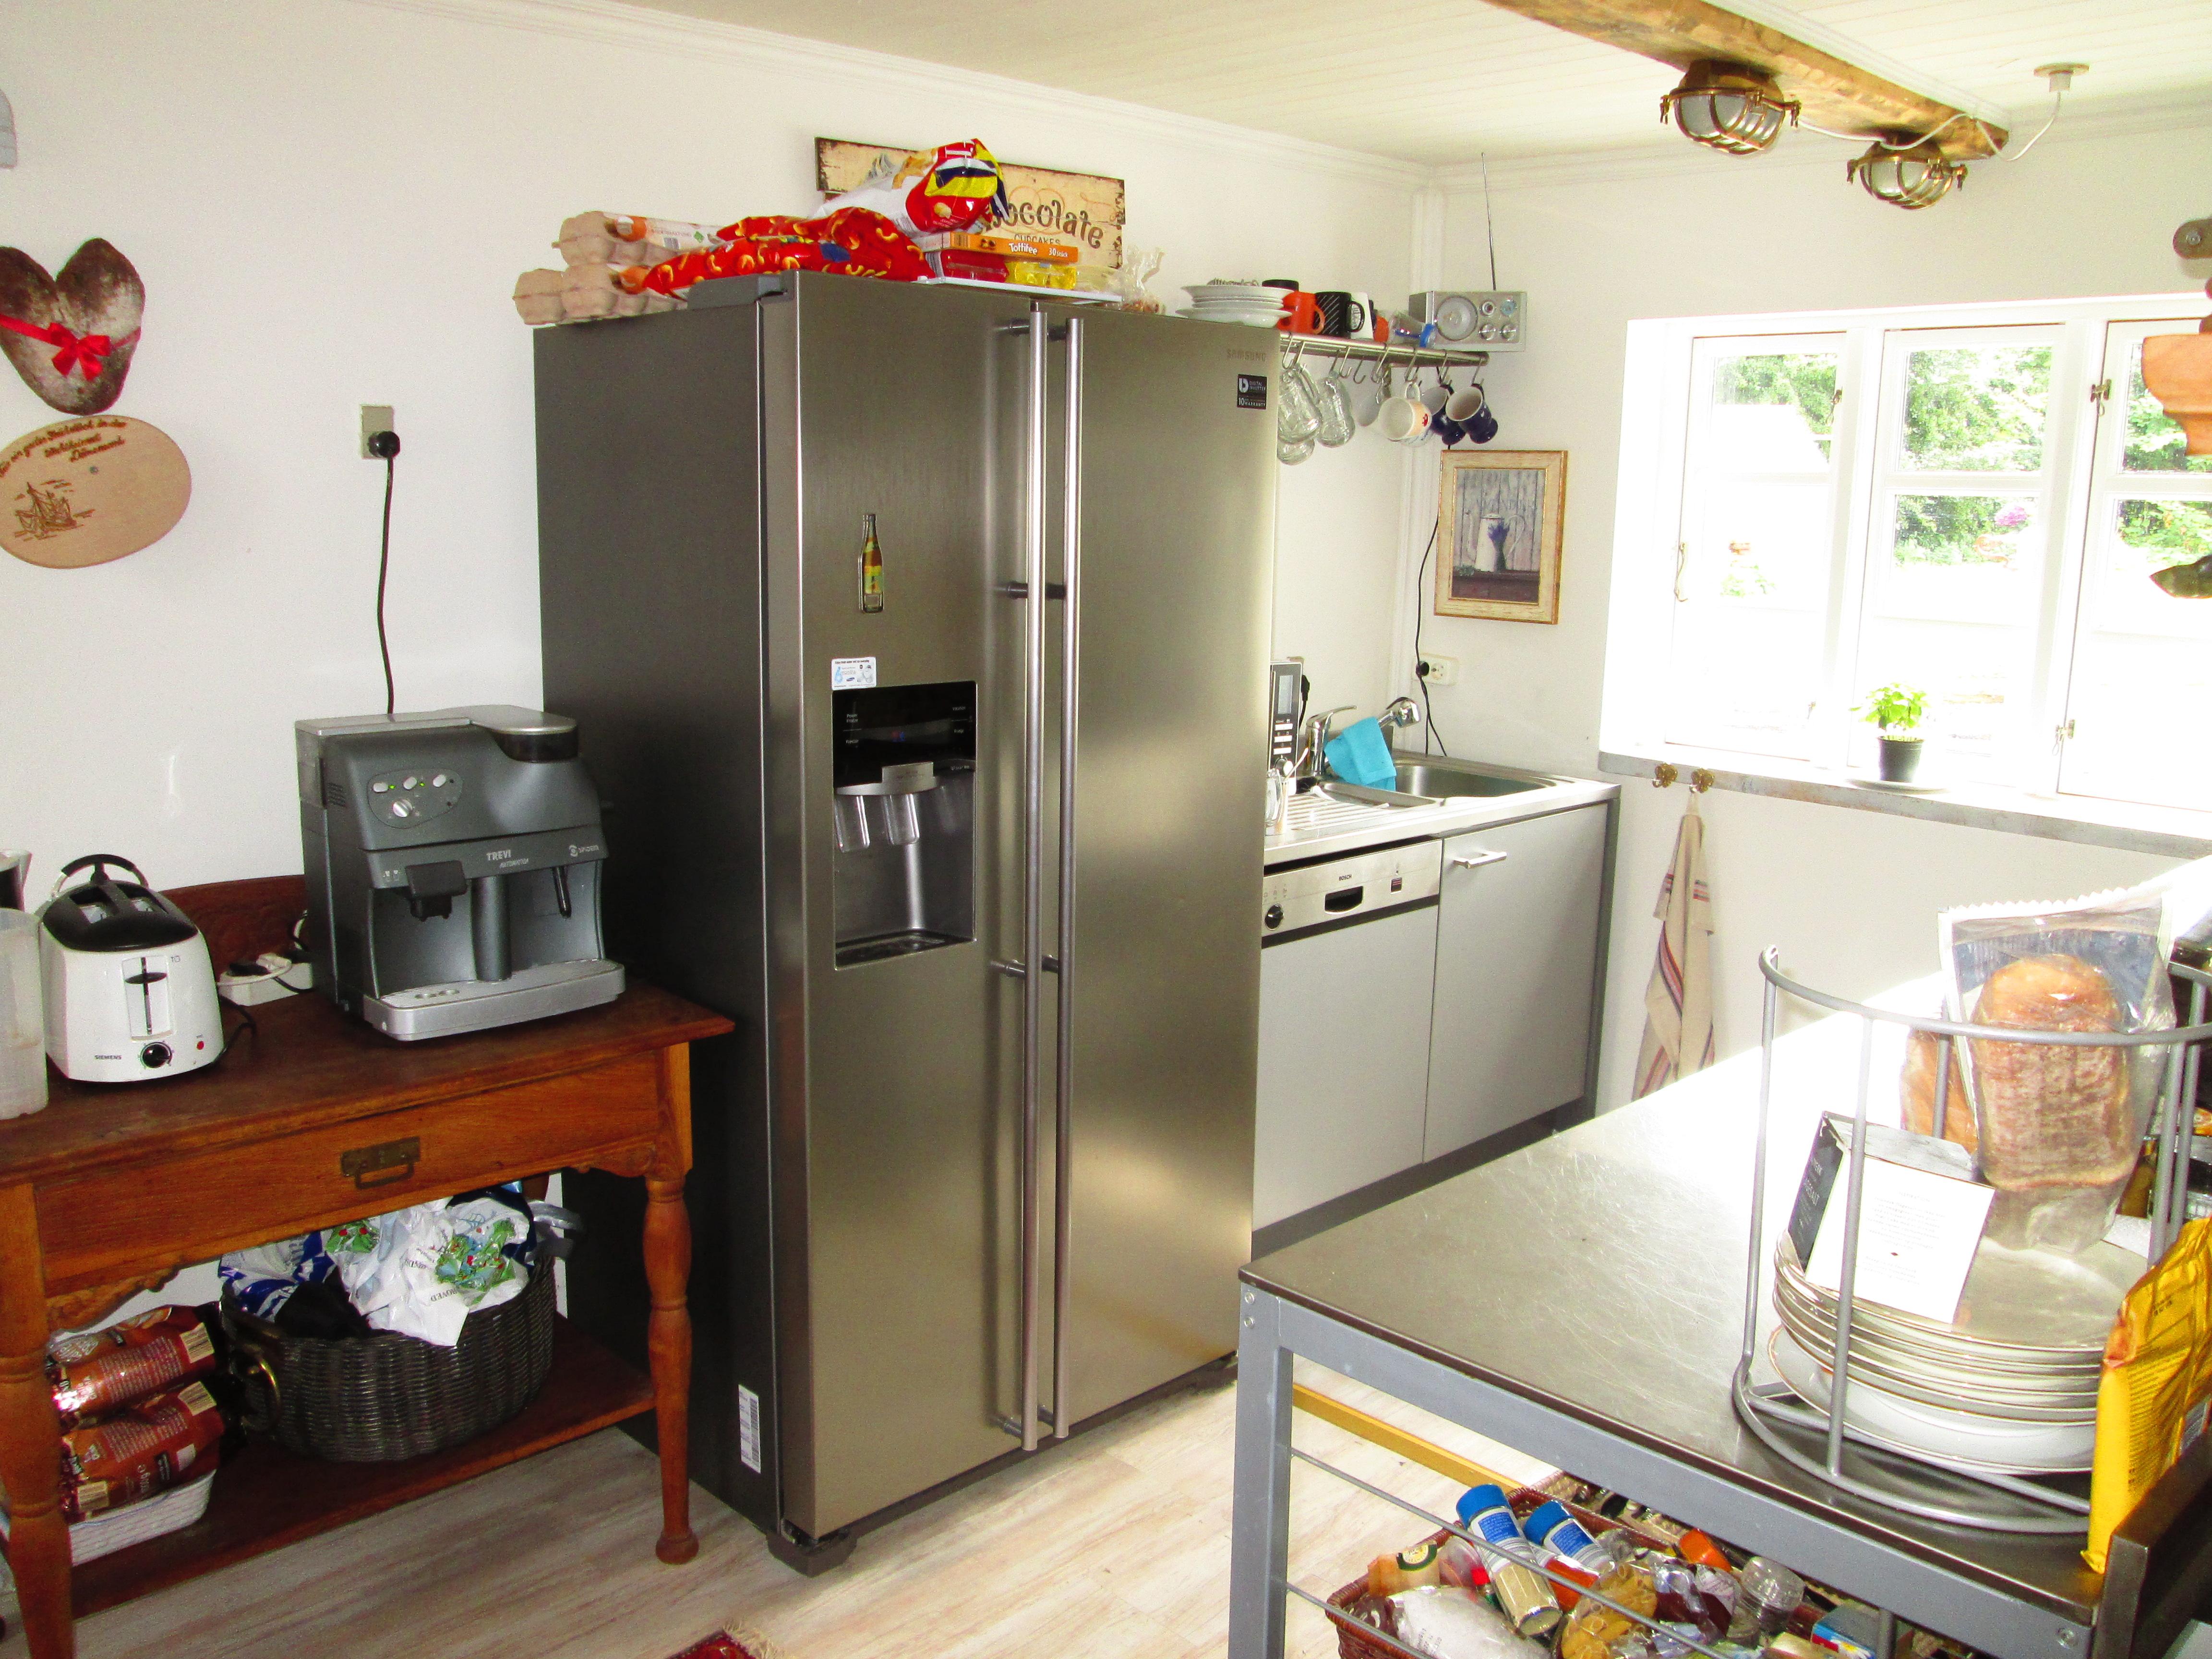 Küche, amerikanischer Kühlschrank - Schatzkammer Flintbek